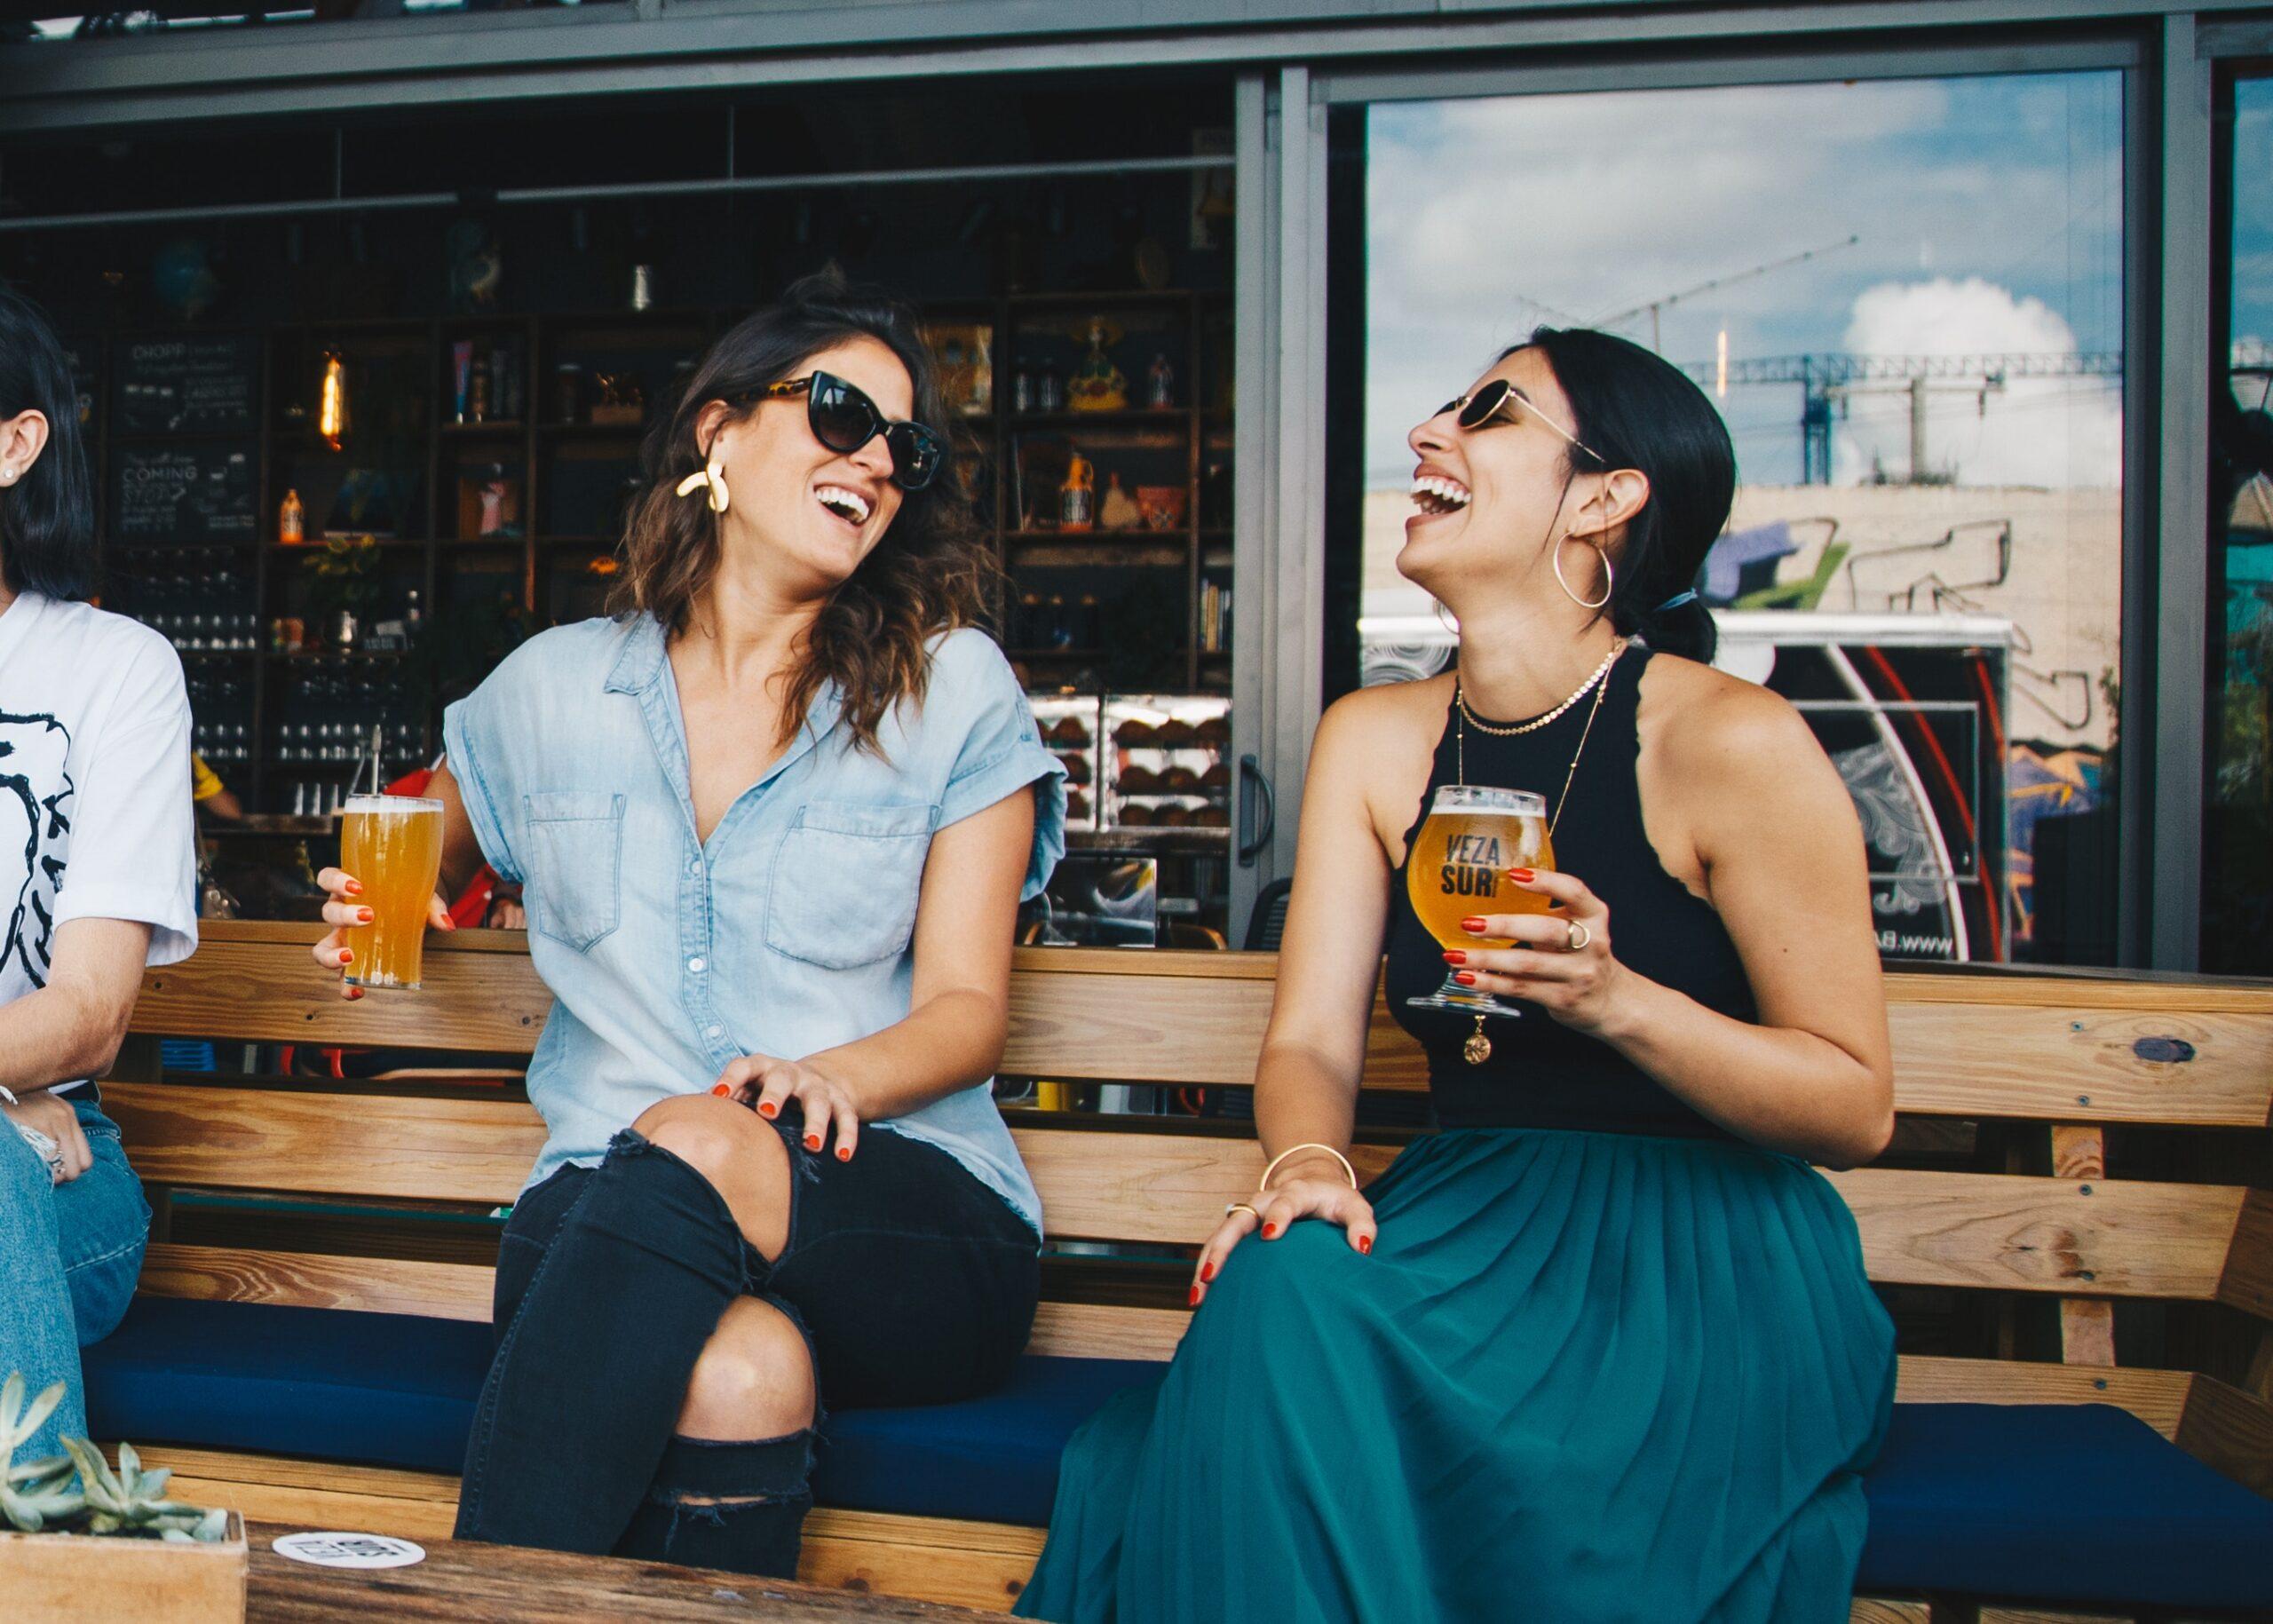 Dos chicas tomando cerveza en Semana Santa en Burgos